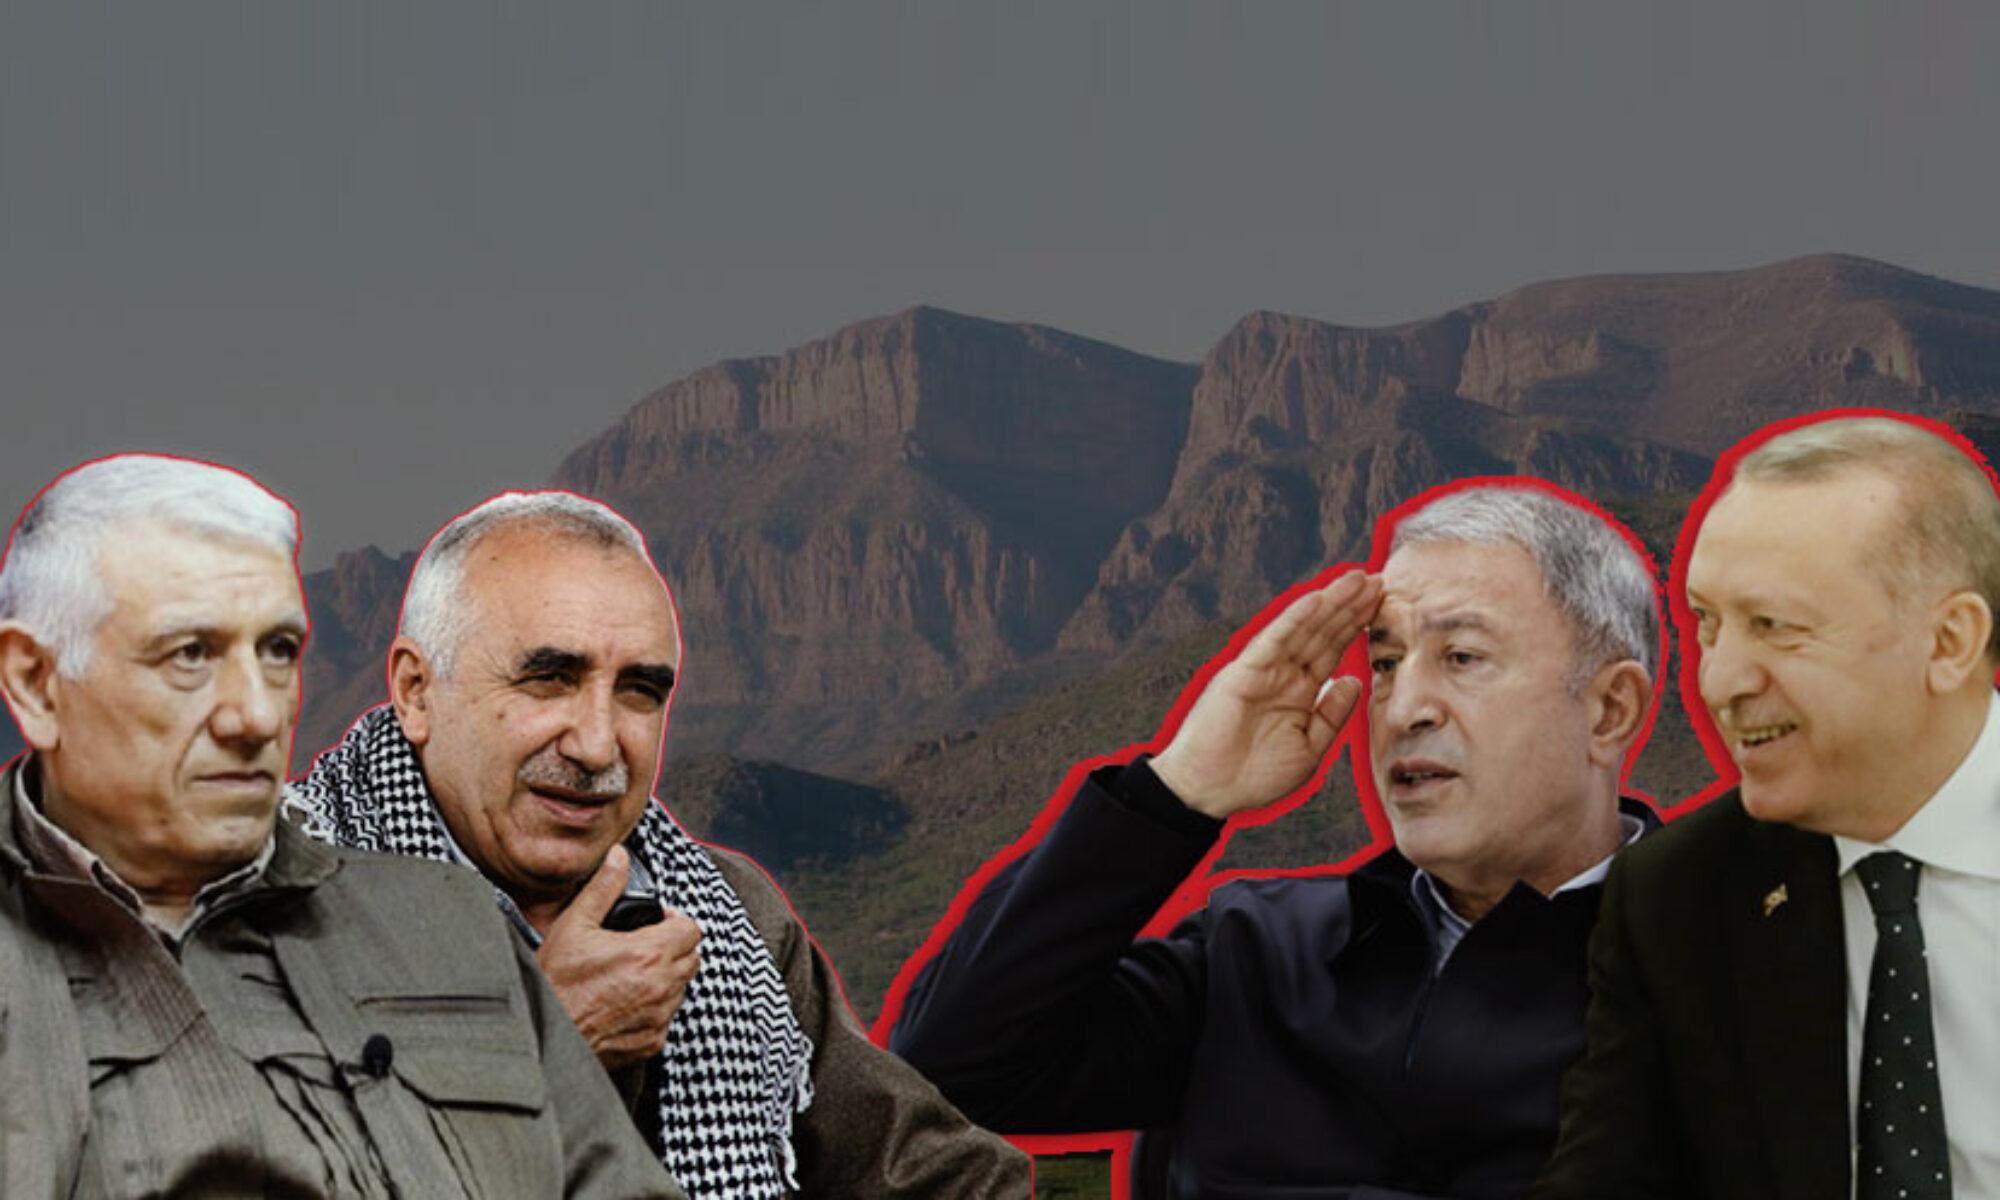 گەلۆ گوندێ کێستە ژ بۆ دەمۆکراتیکبوونا ترکیا ھاتە قوربانی کرن؟